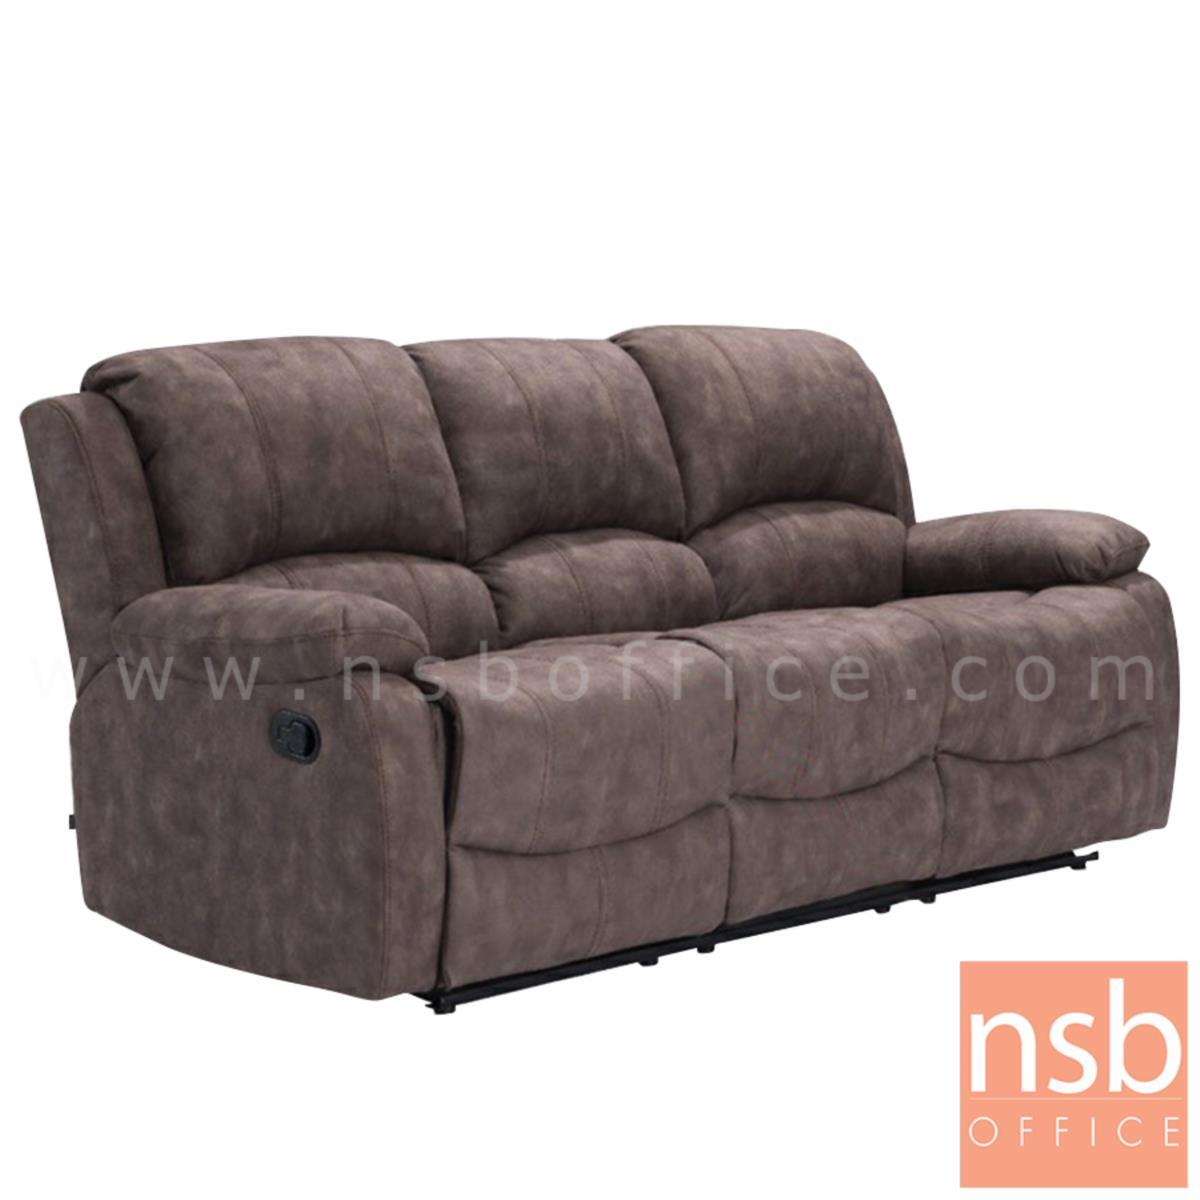 โซฟาพักผ่อน หนังหุ้มผ้า  รุ่น Gloucester (กลอสเตอร์)  2, 3 ที่นั่ง ขนาด 144W, 194W cm.  ยืดขา-ปรับนอนได้